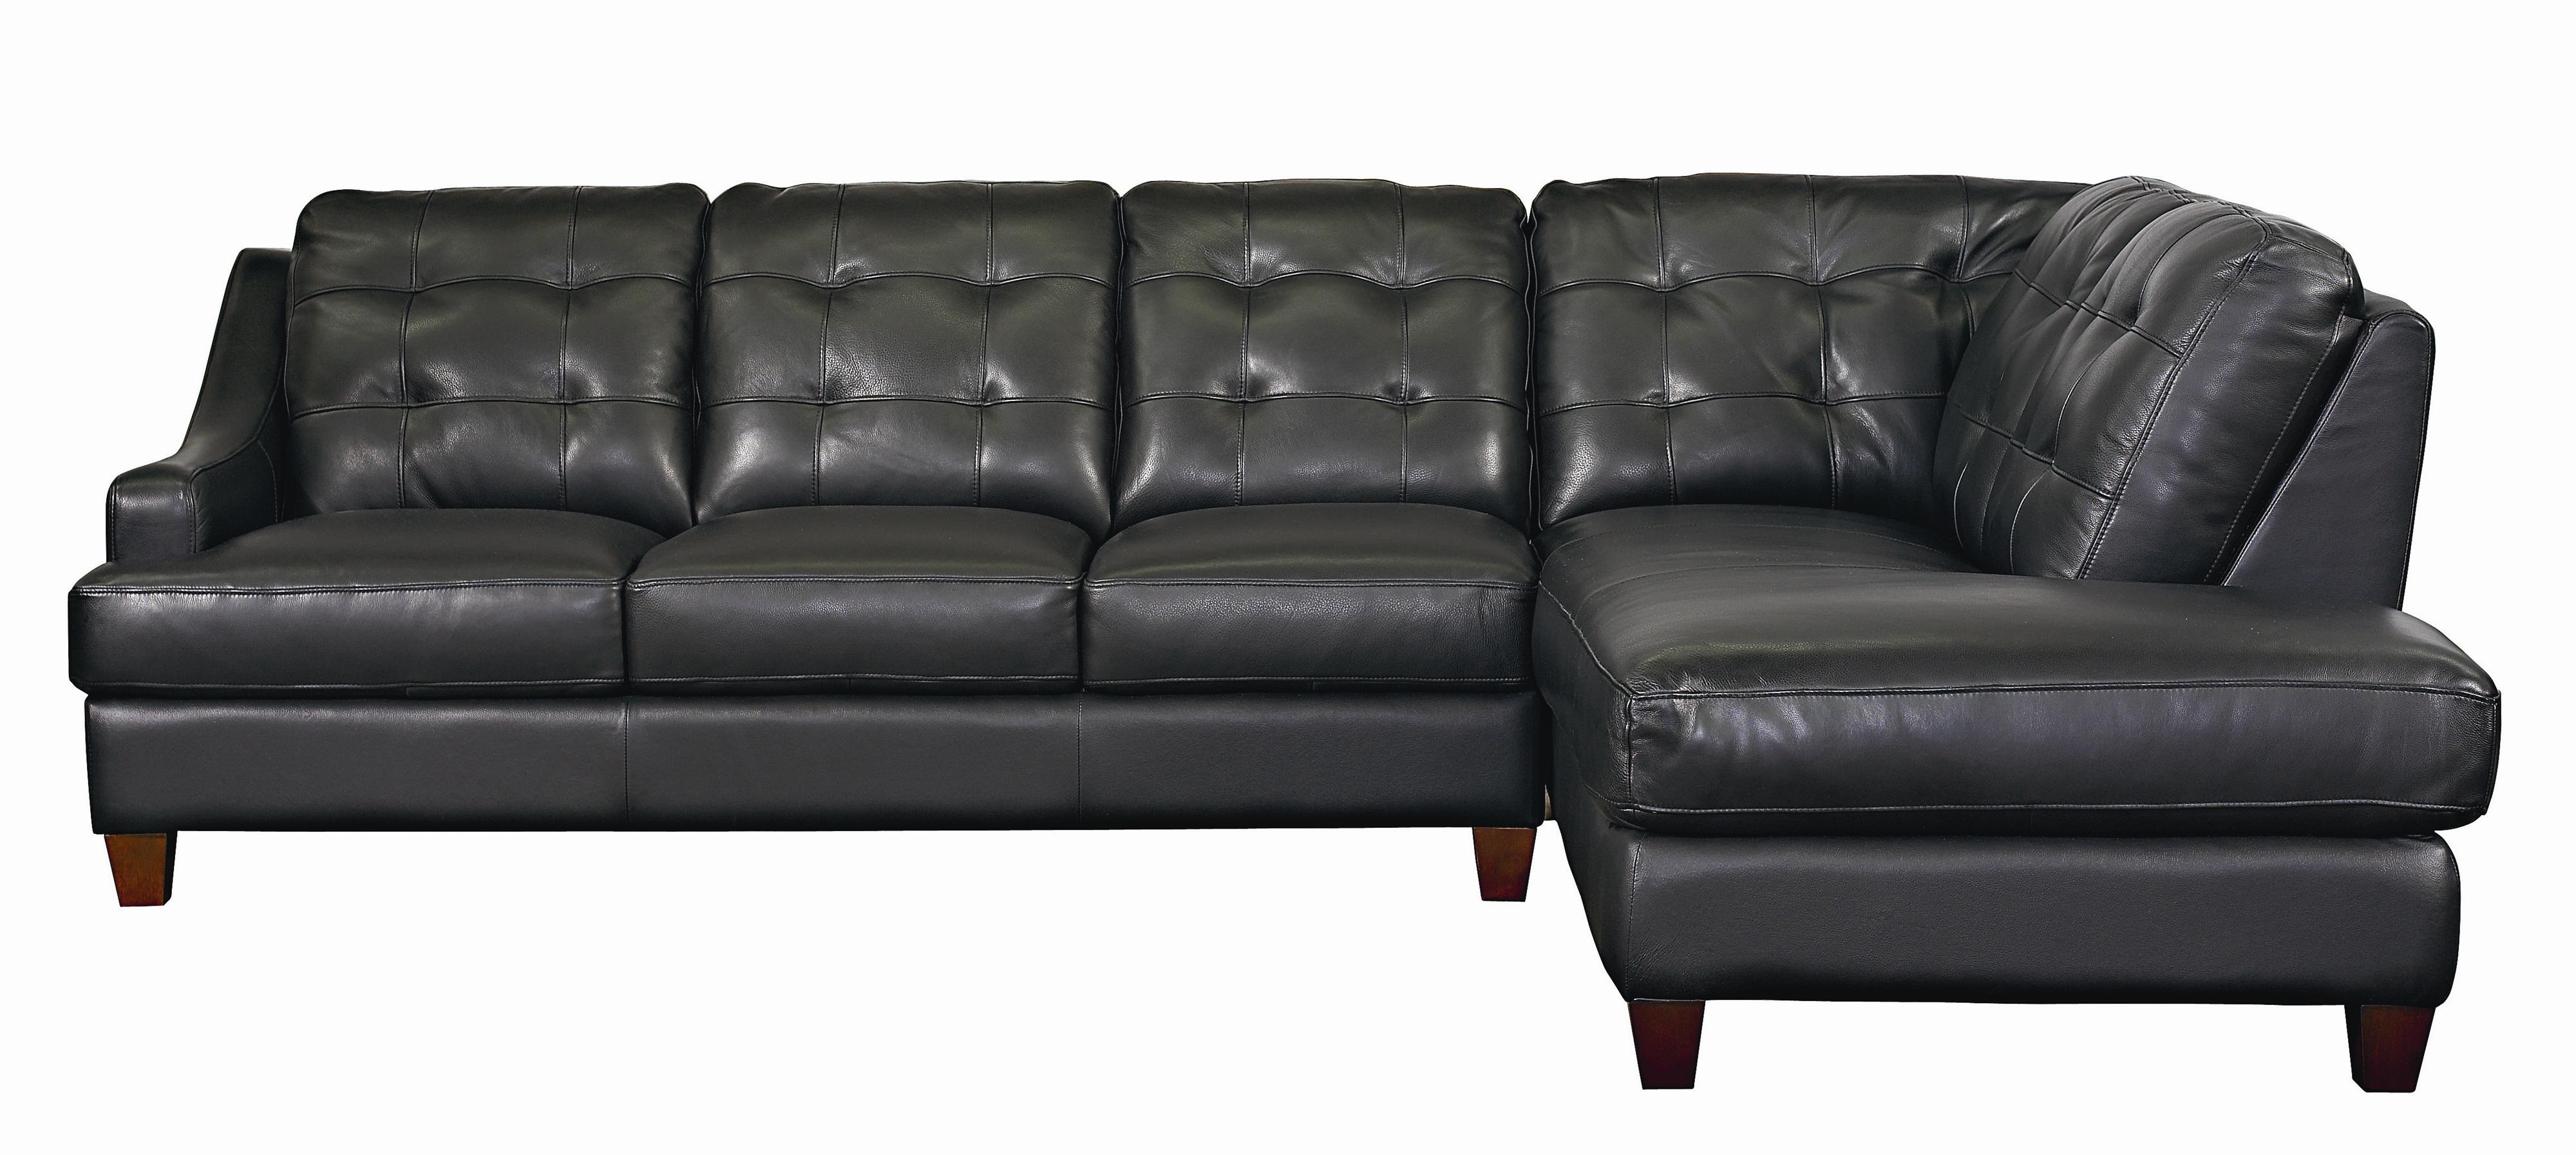 Bassett sectional sofa reviewsreclining sectional sofa for Sectional sofas bassett